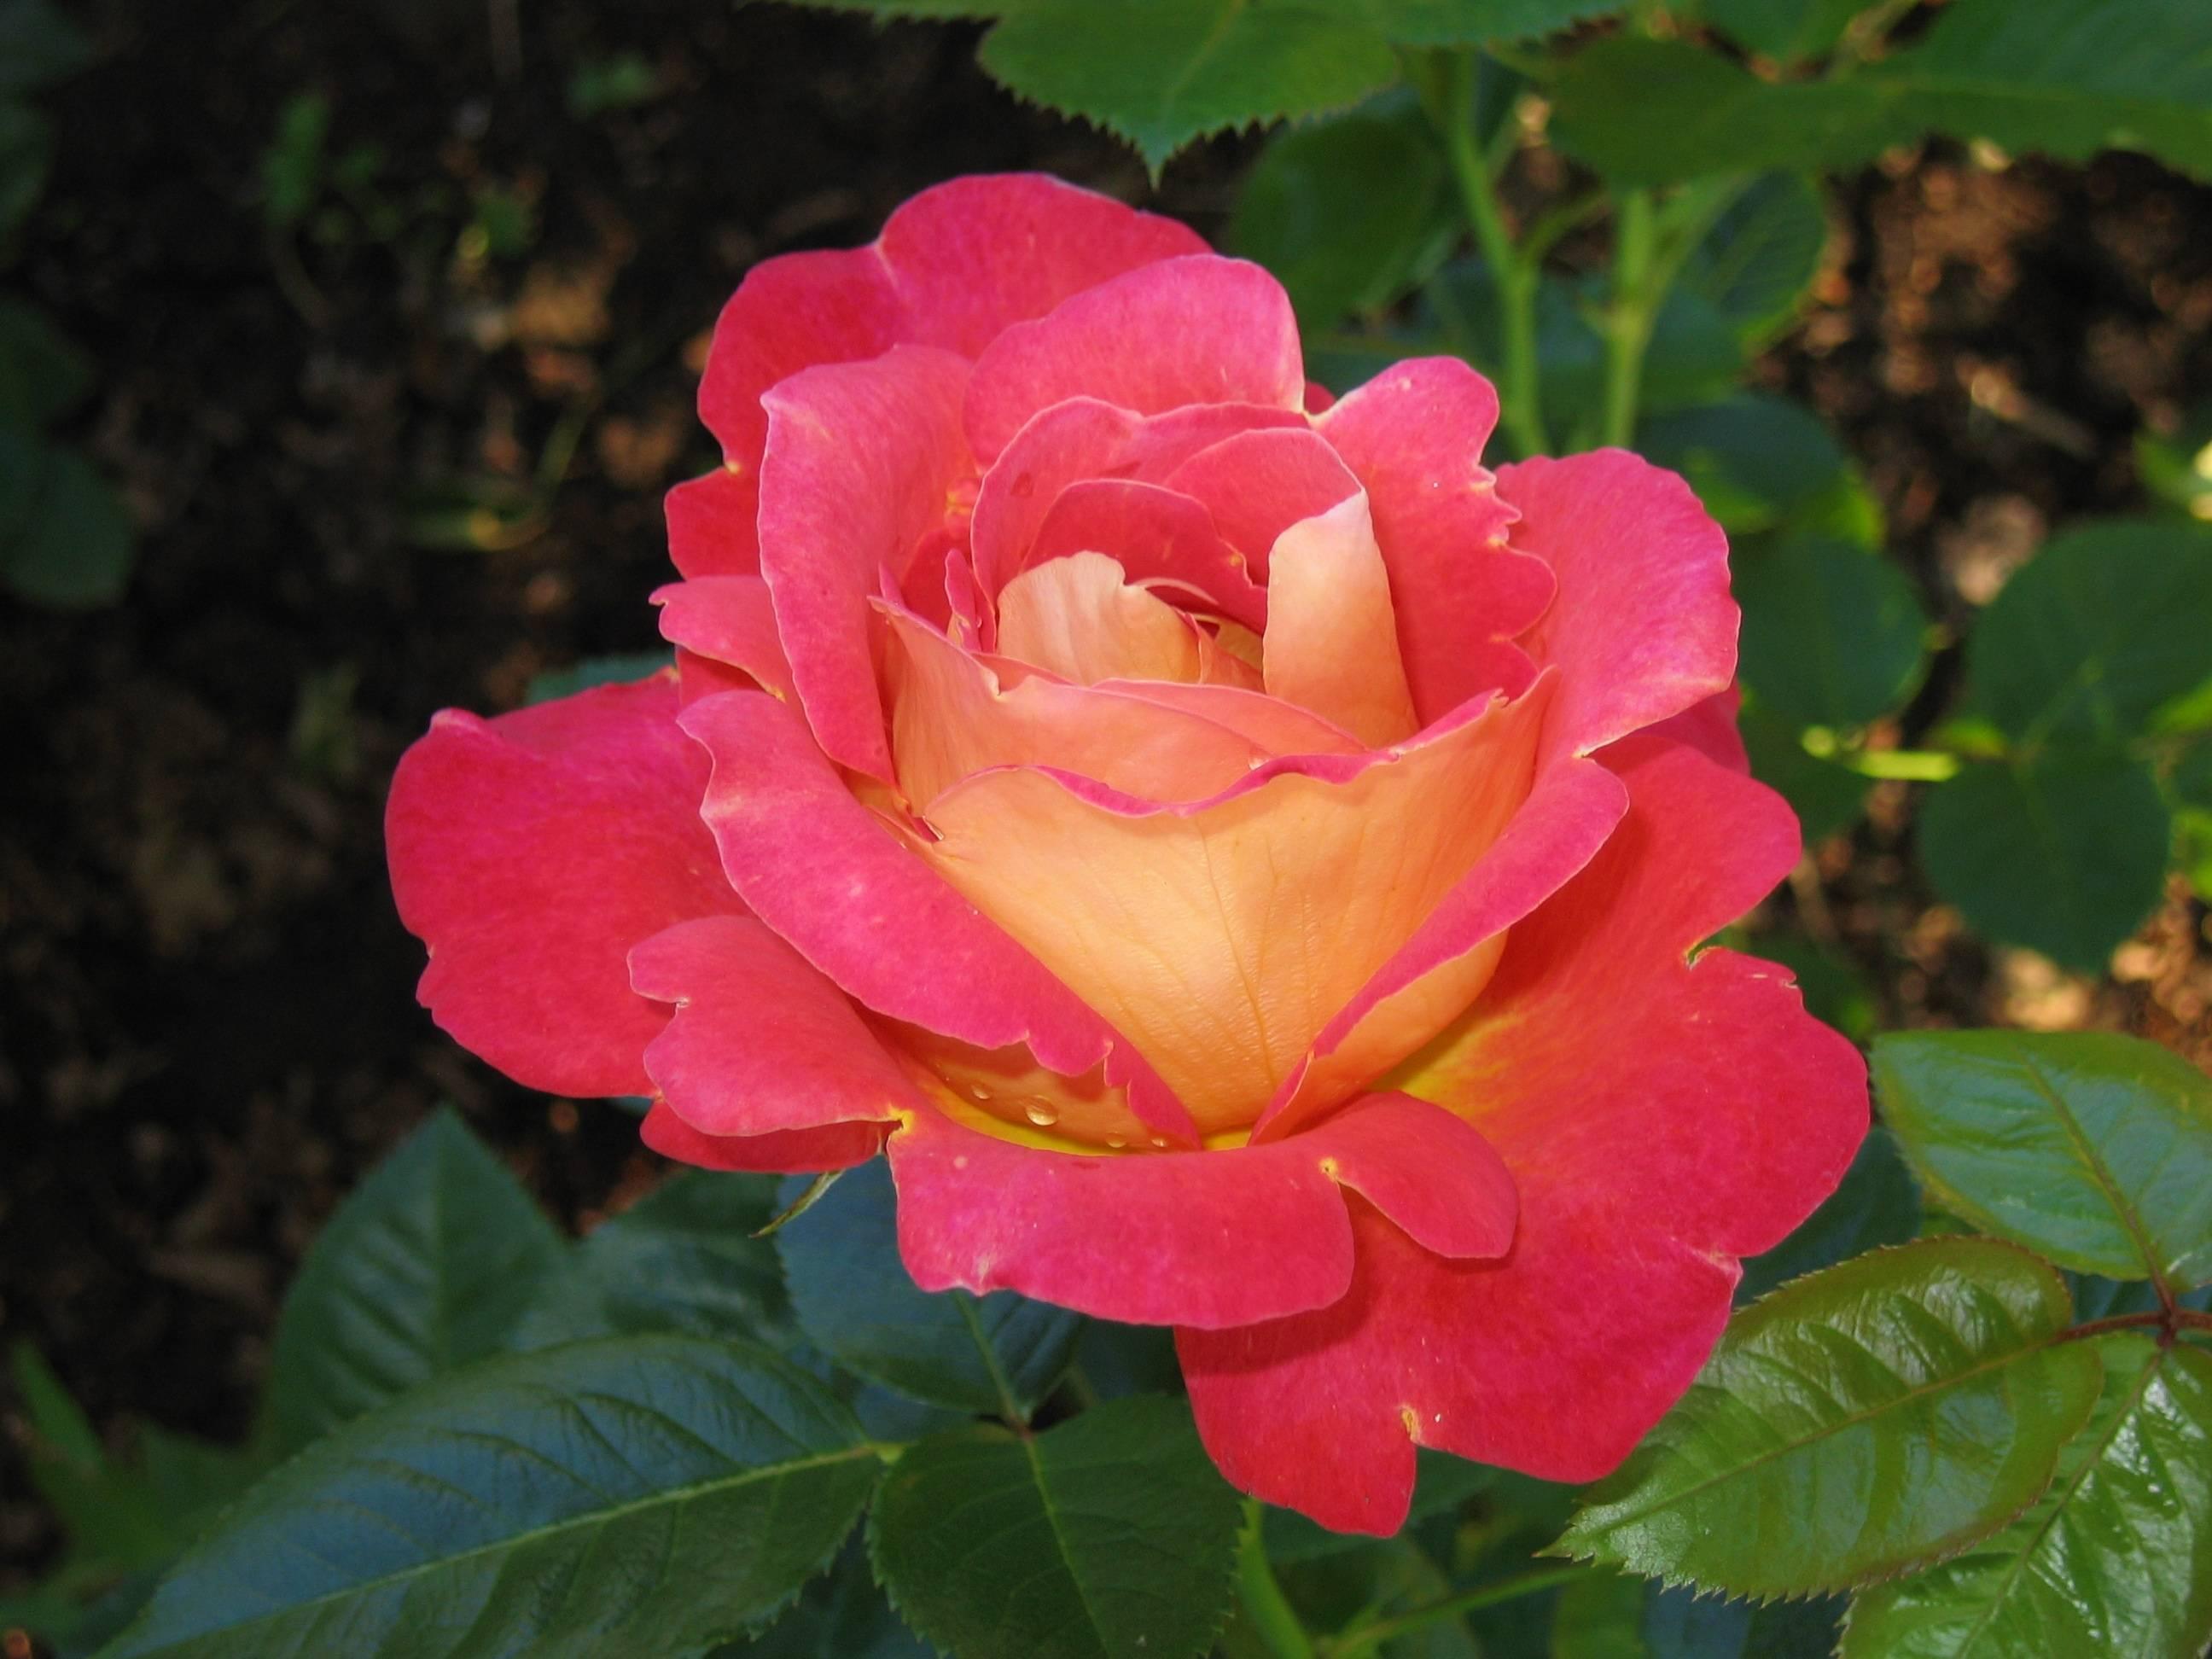 Описание и фото зимостойких сортов плетистых роз, разновидностей, цветущих все лето. а также о посадке и уходе